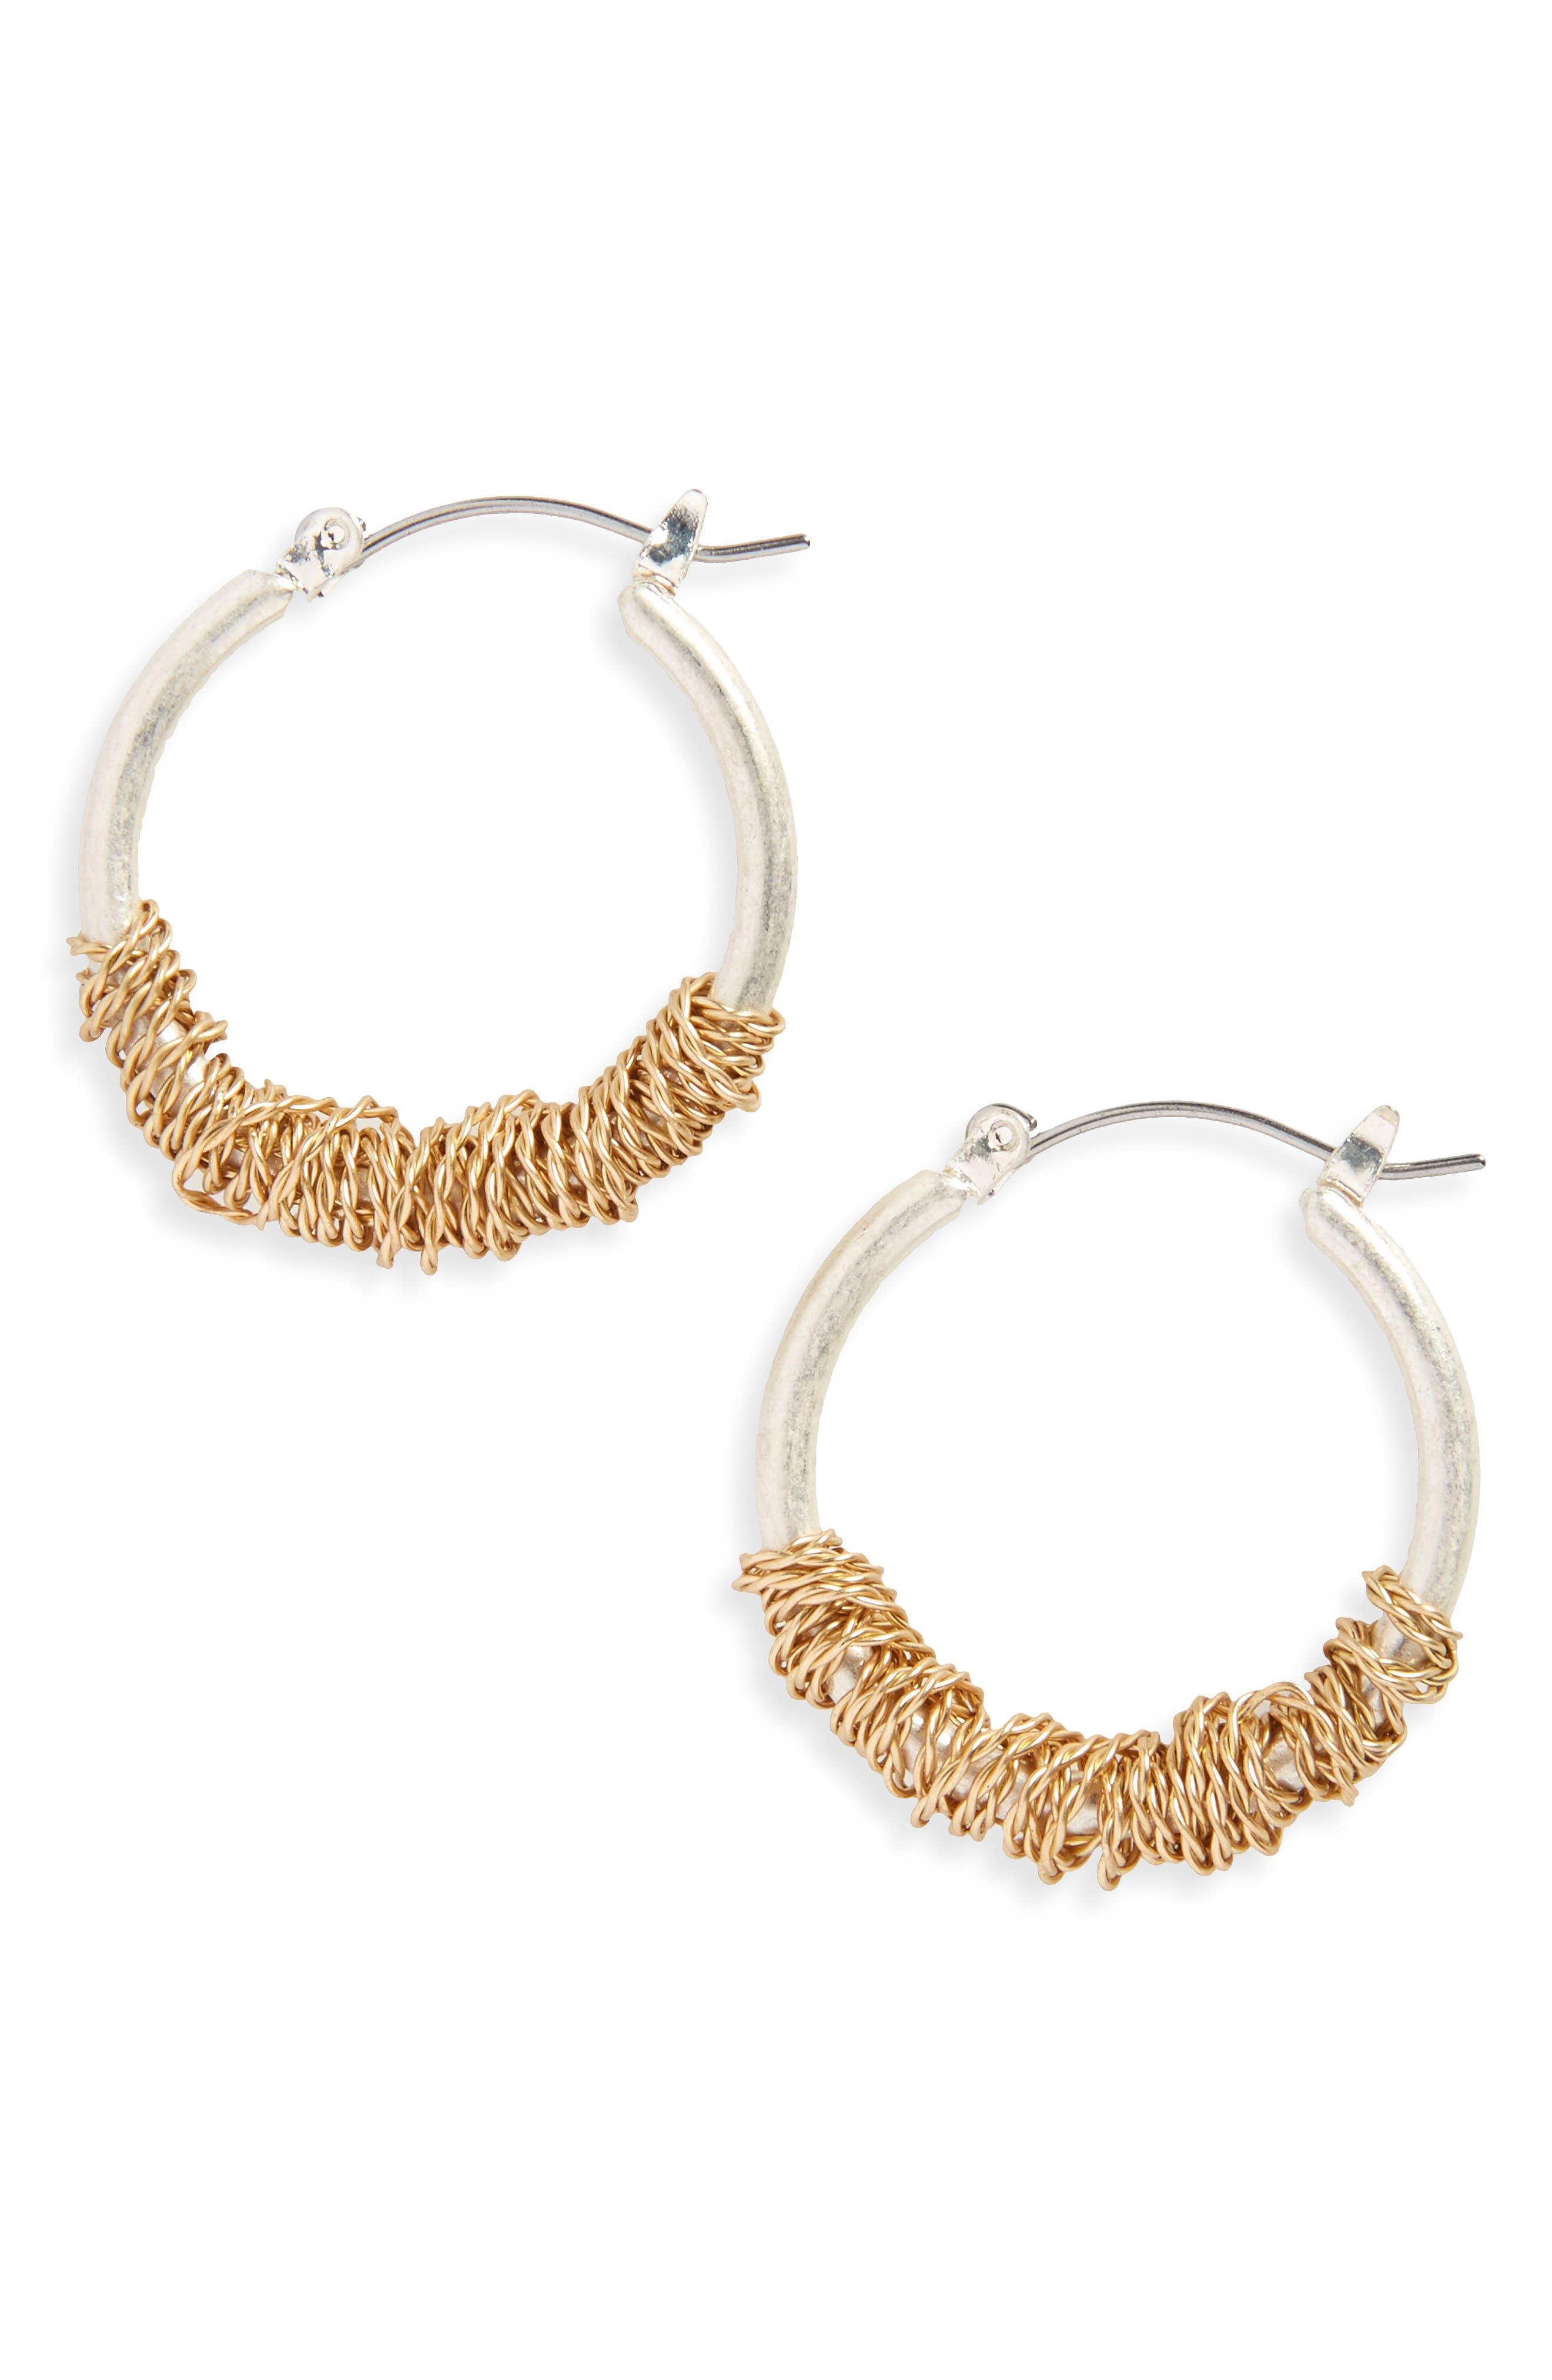 CANVAS JEWELRY Wrapped Hoop Earrings